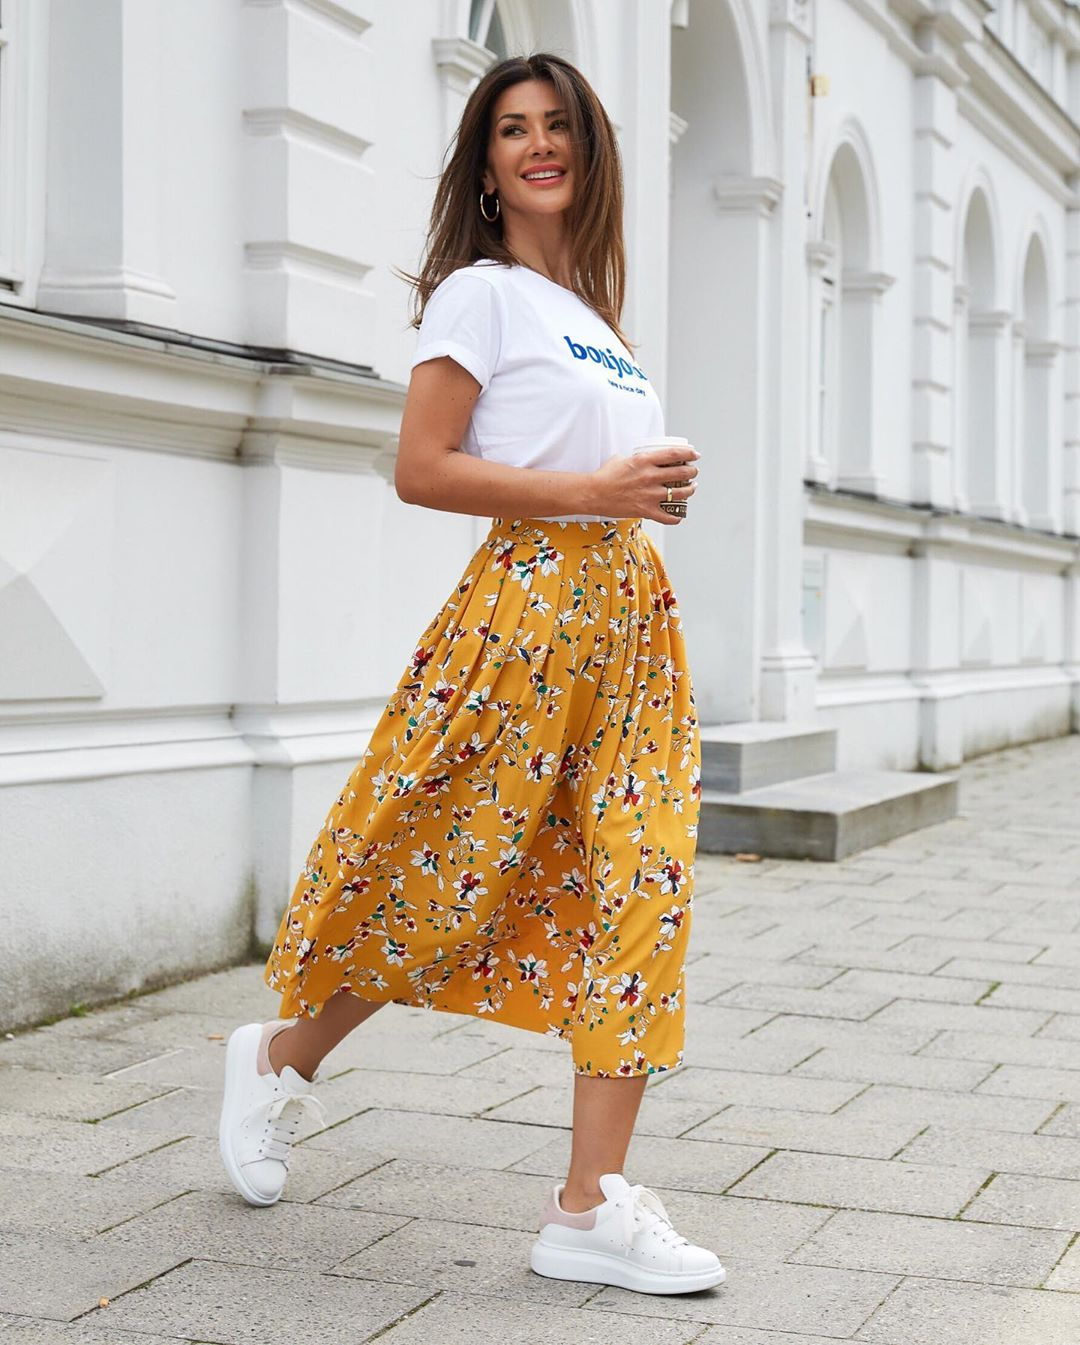 летний casual 2019 для женщин 40-50 лет фото 8